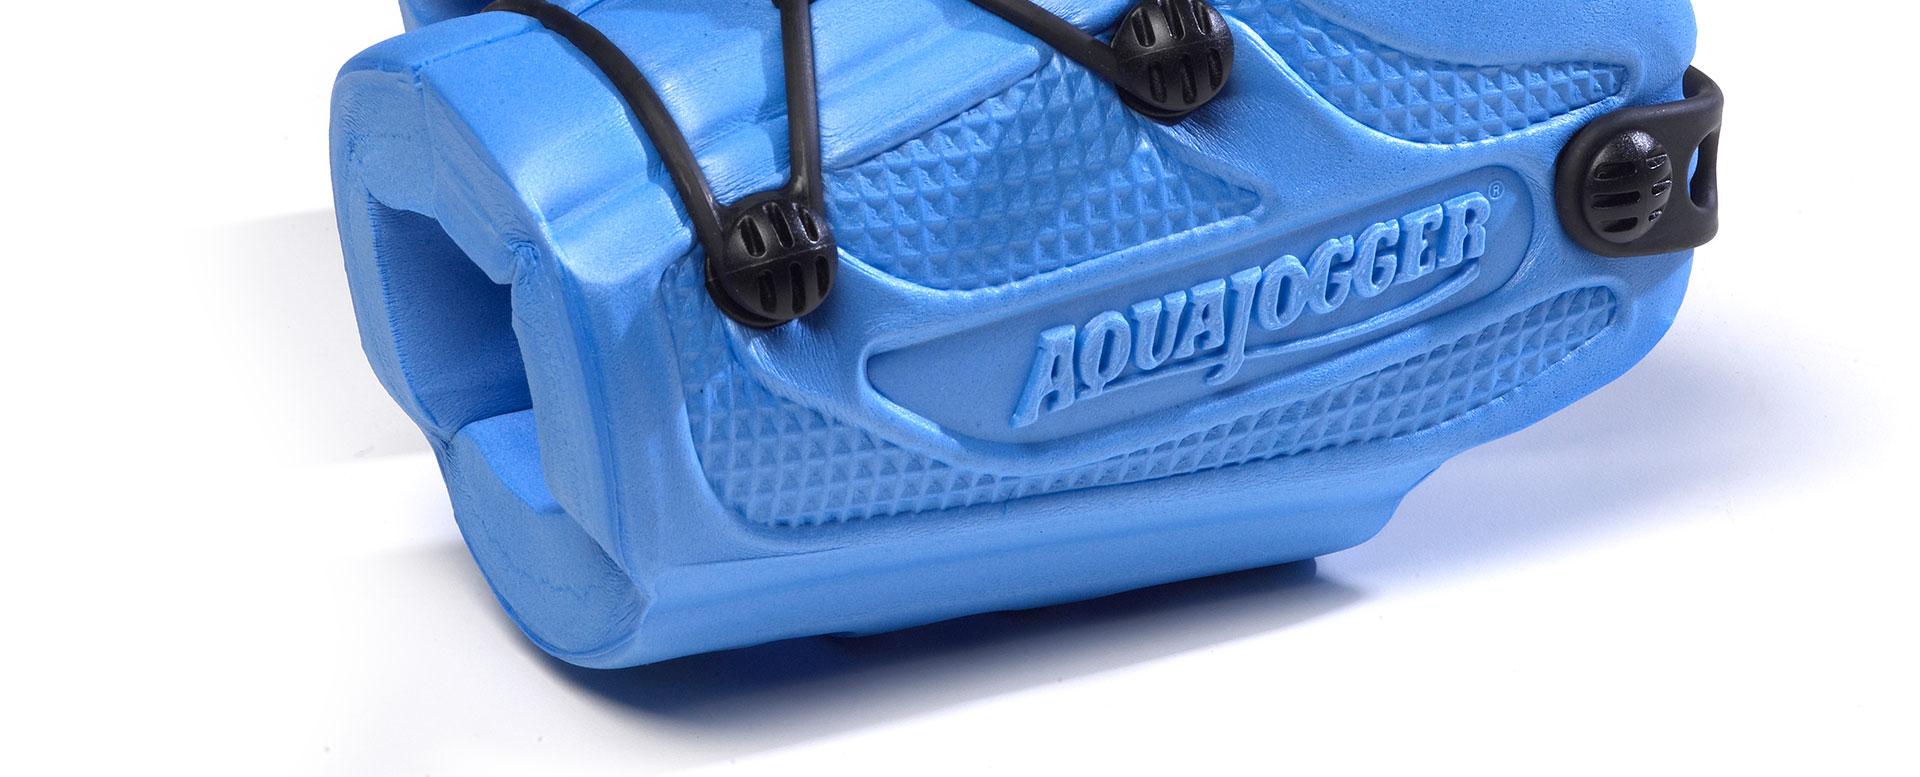 Aquajogging - Laufschuhe